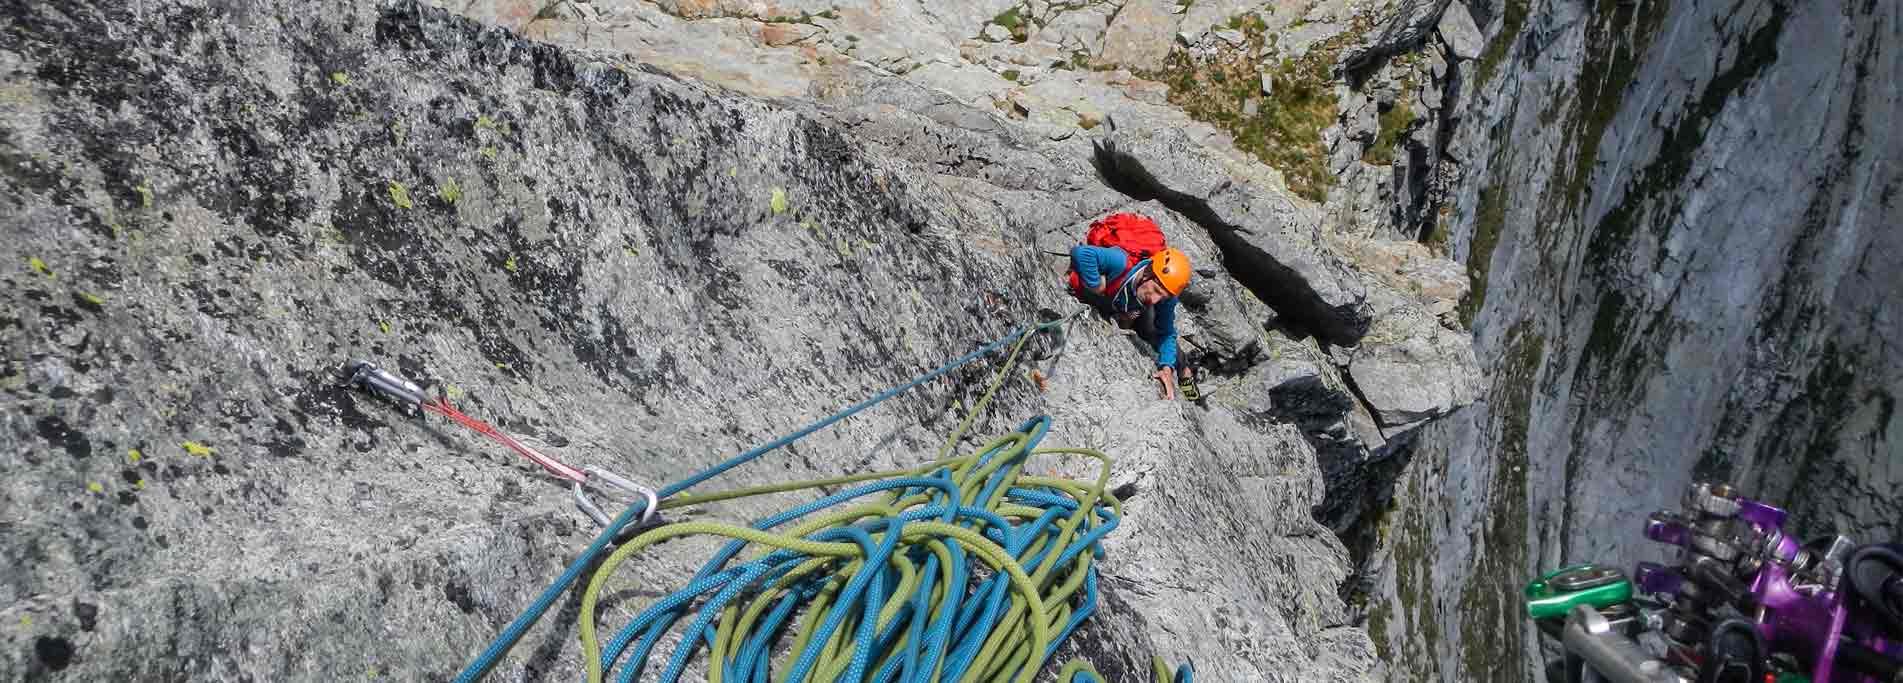 Urlo della Poiana - Punta Pioda in valle Antigorio - Alpinismo ed eplorazione